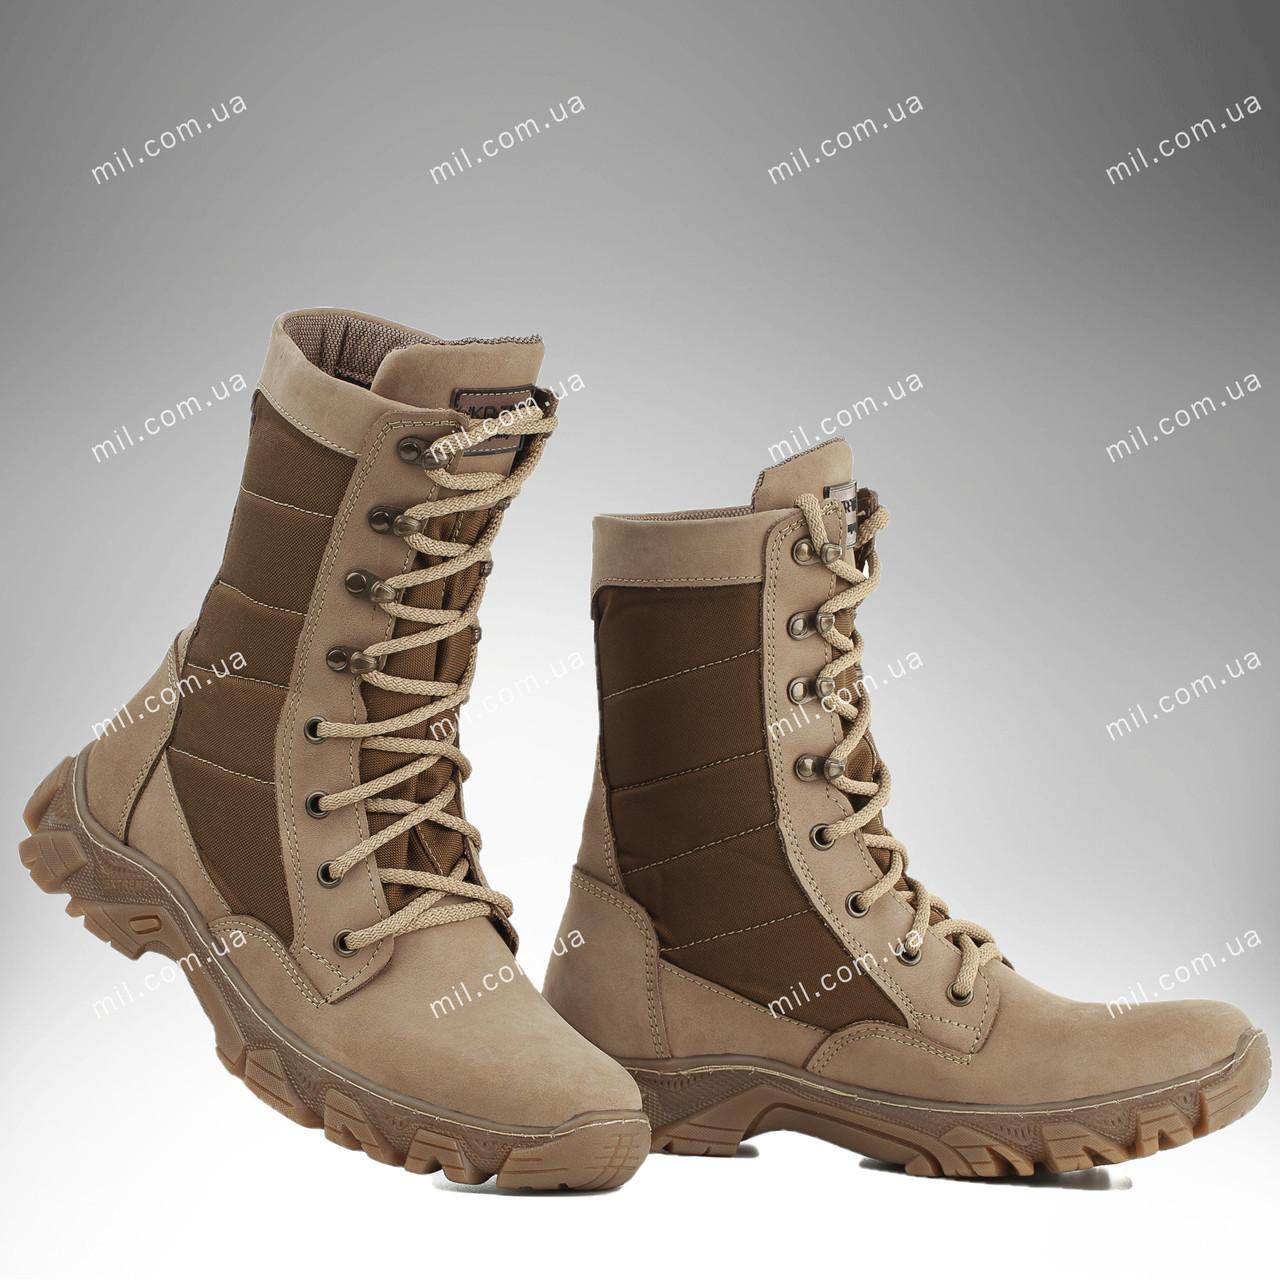 ⭐⭐Берцы демисезонные / военная, тактическая обувь ДЕЛЬТА (бежевый) | берцы, берці, берци, военная обувь,